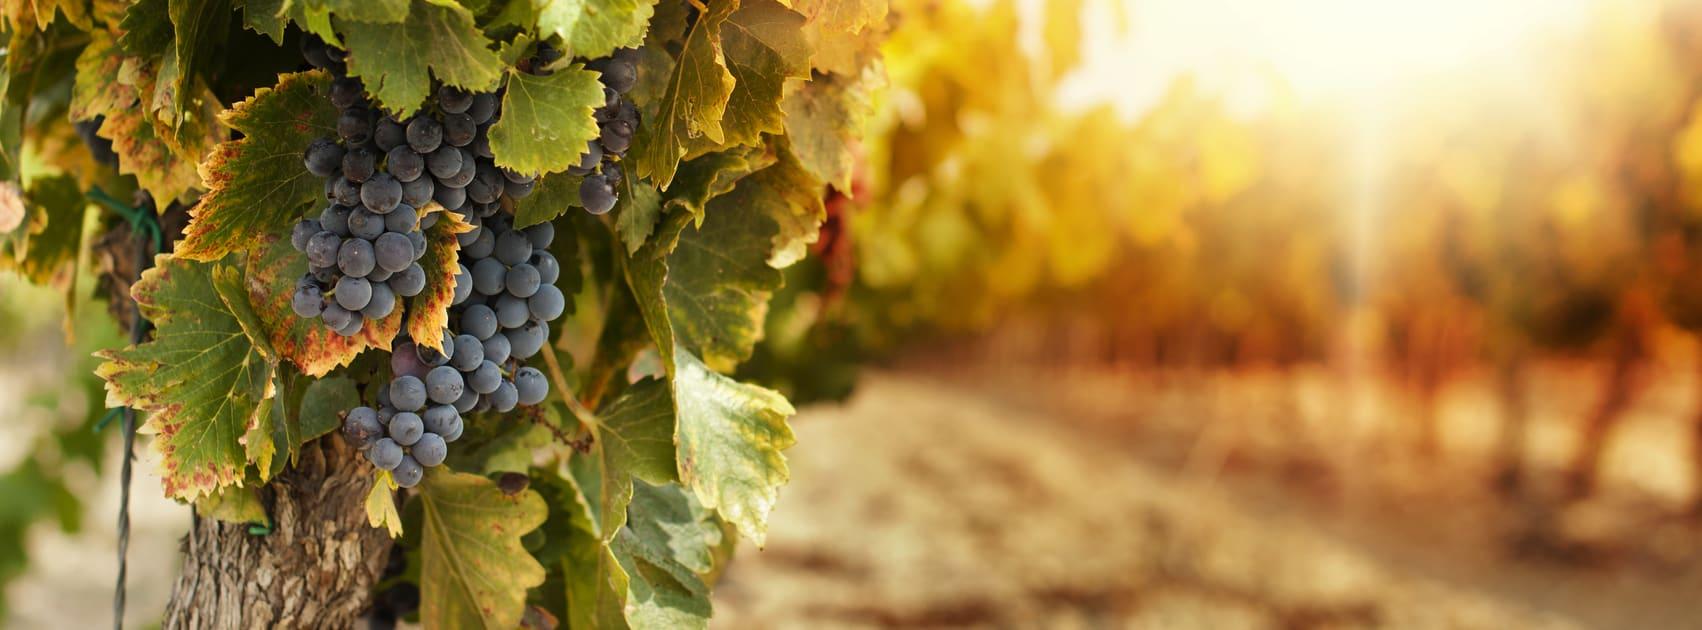 wijnstok met druiven